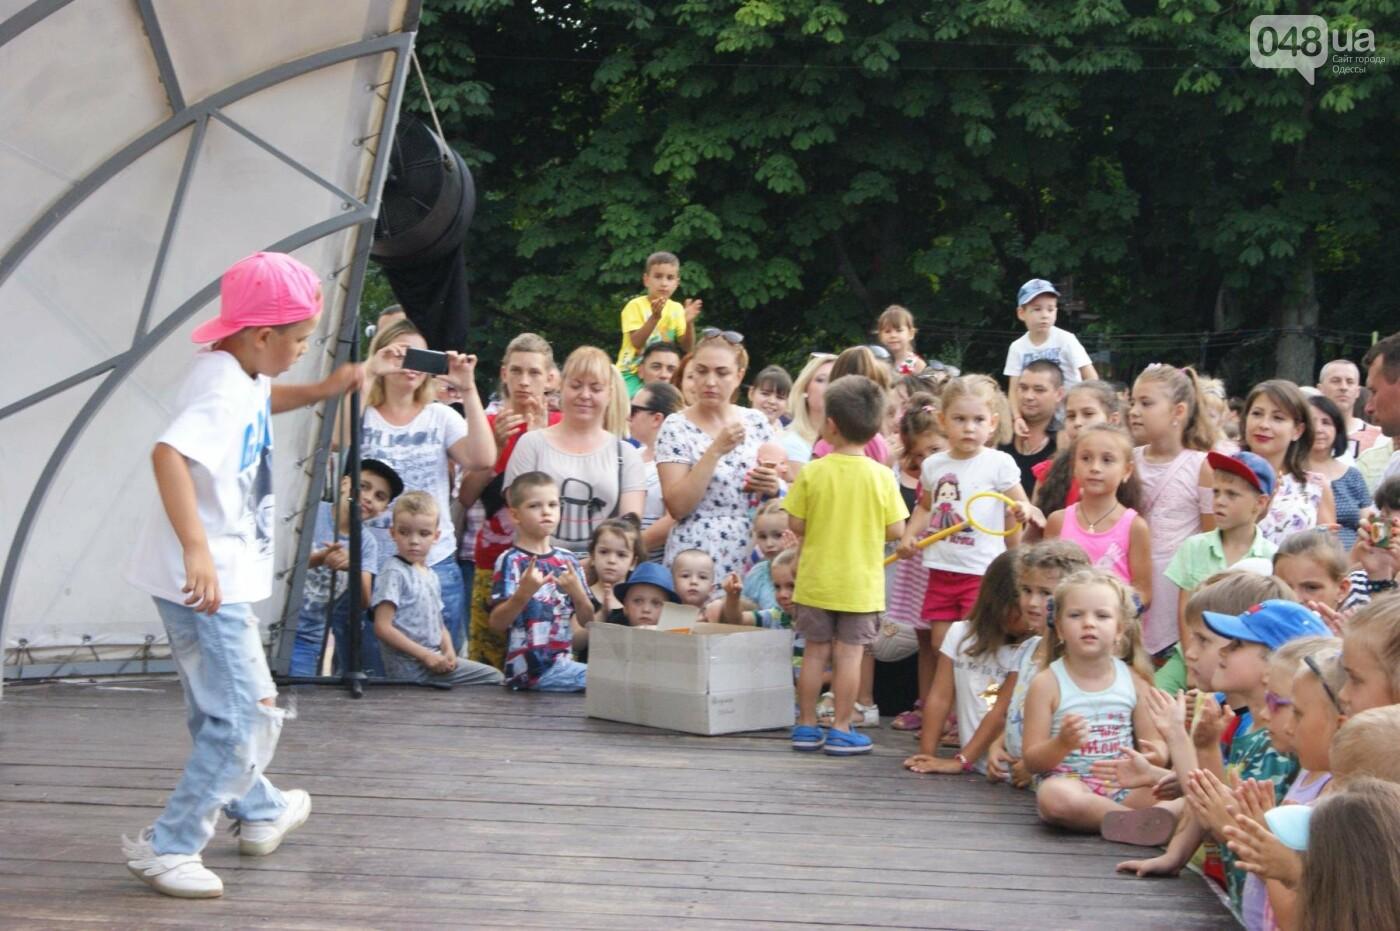 В Одессе в небо выпустили тысячи мыльных пузырей, - ФОТО, ВИДЕО, фото-3